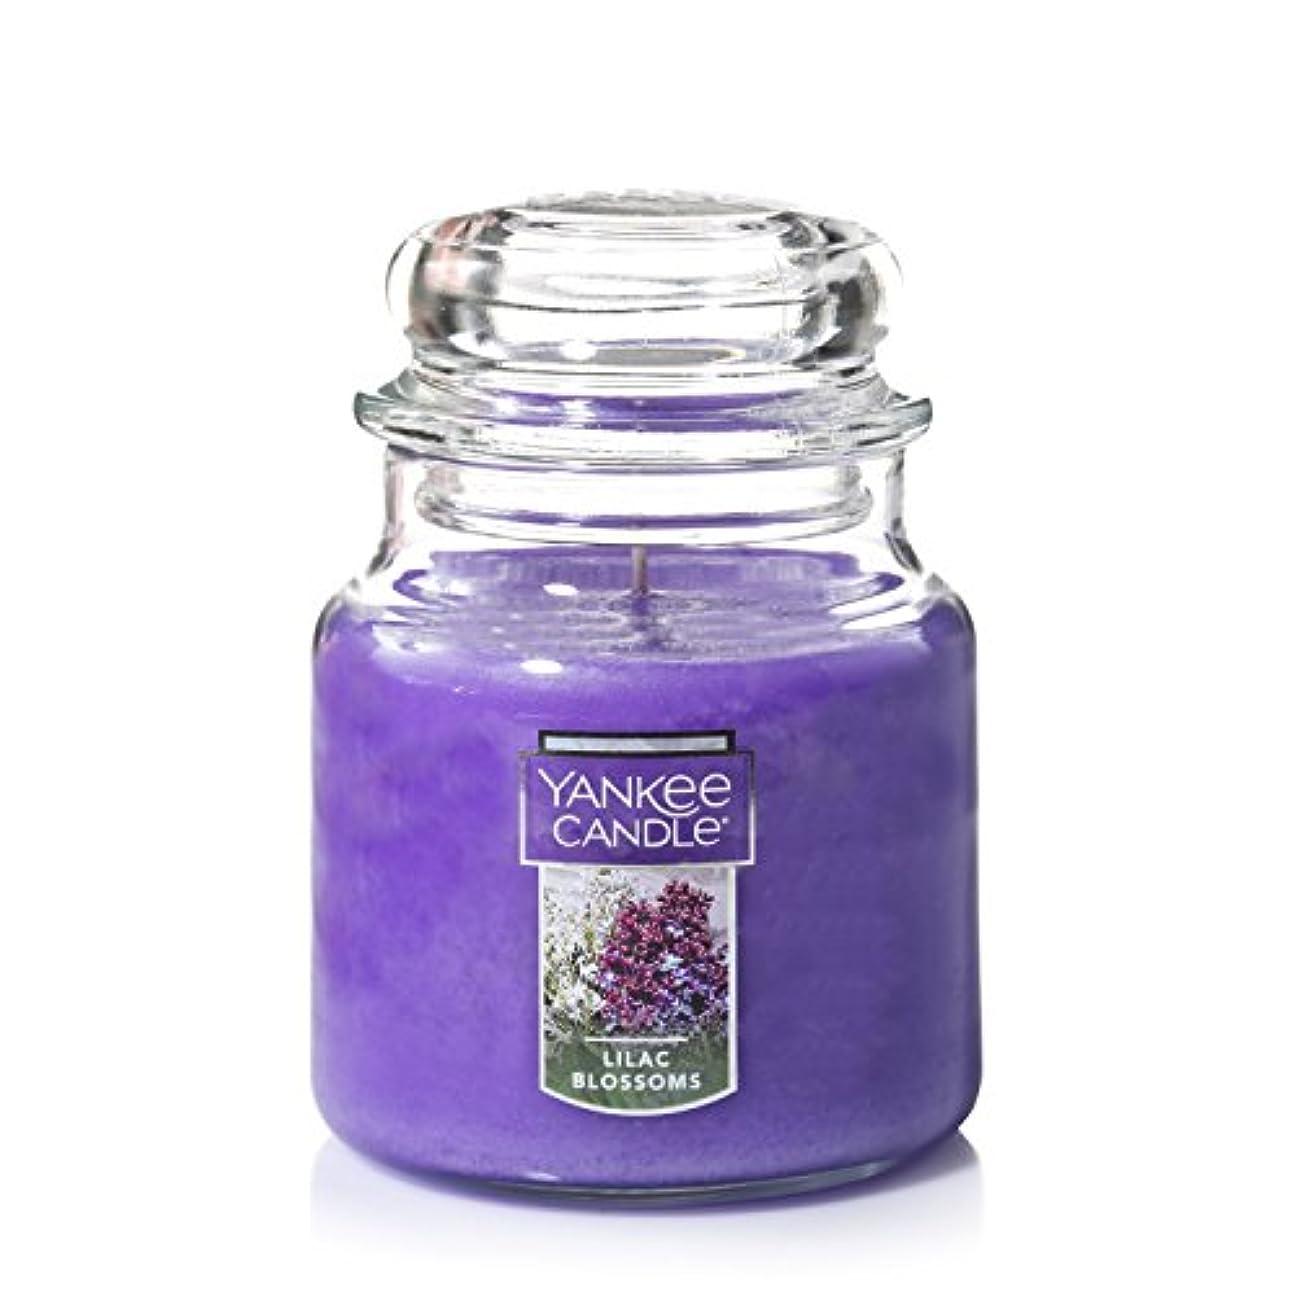 犯す時間とともにダウンYankee CandleライラックBlossoms Medium Jar 14.5oz Candle One パープル 1006996